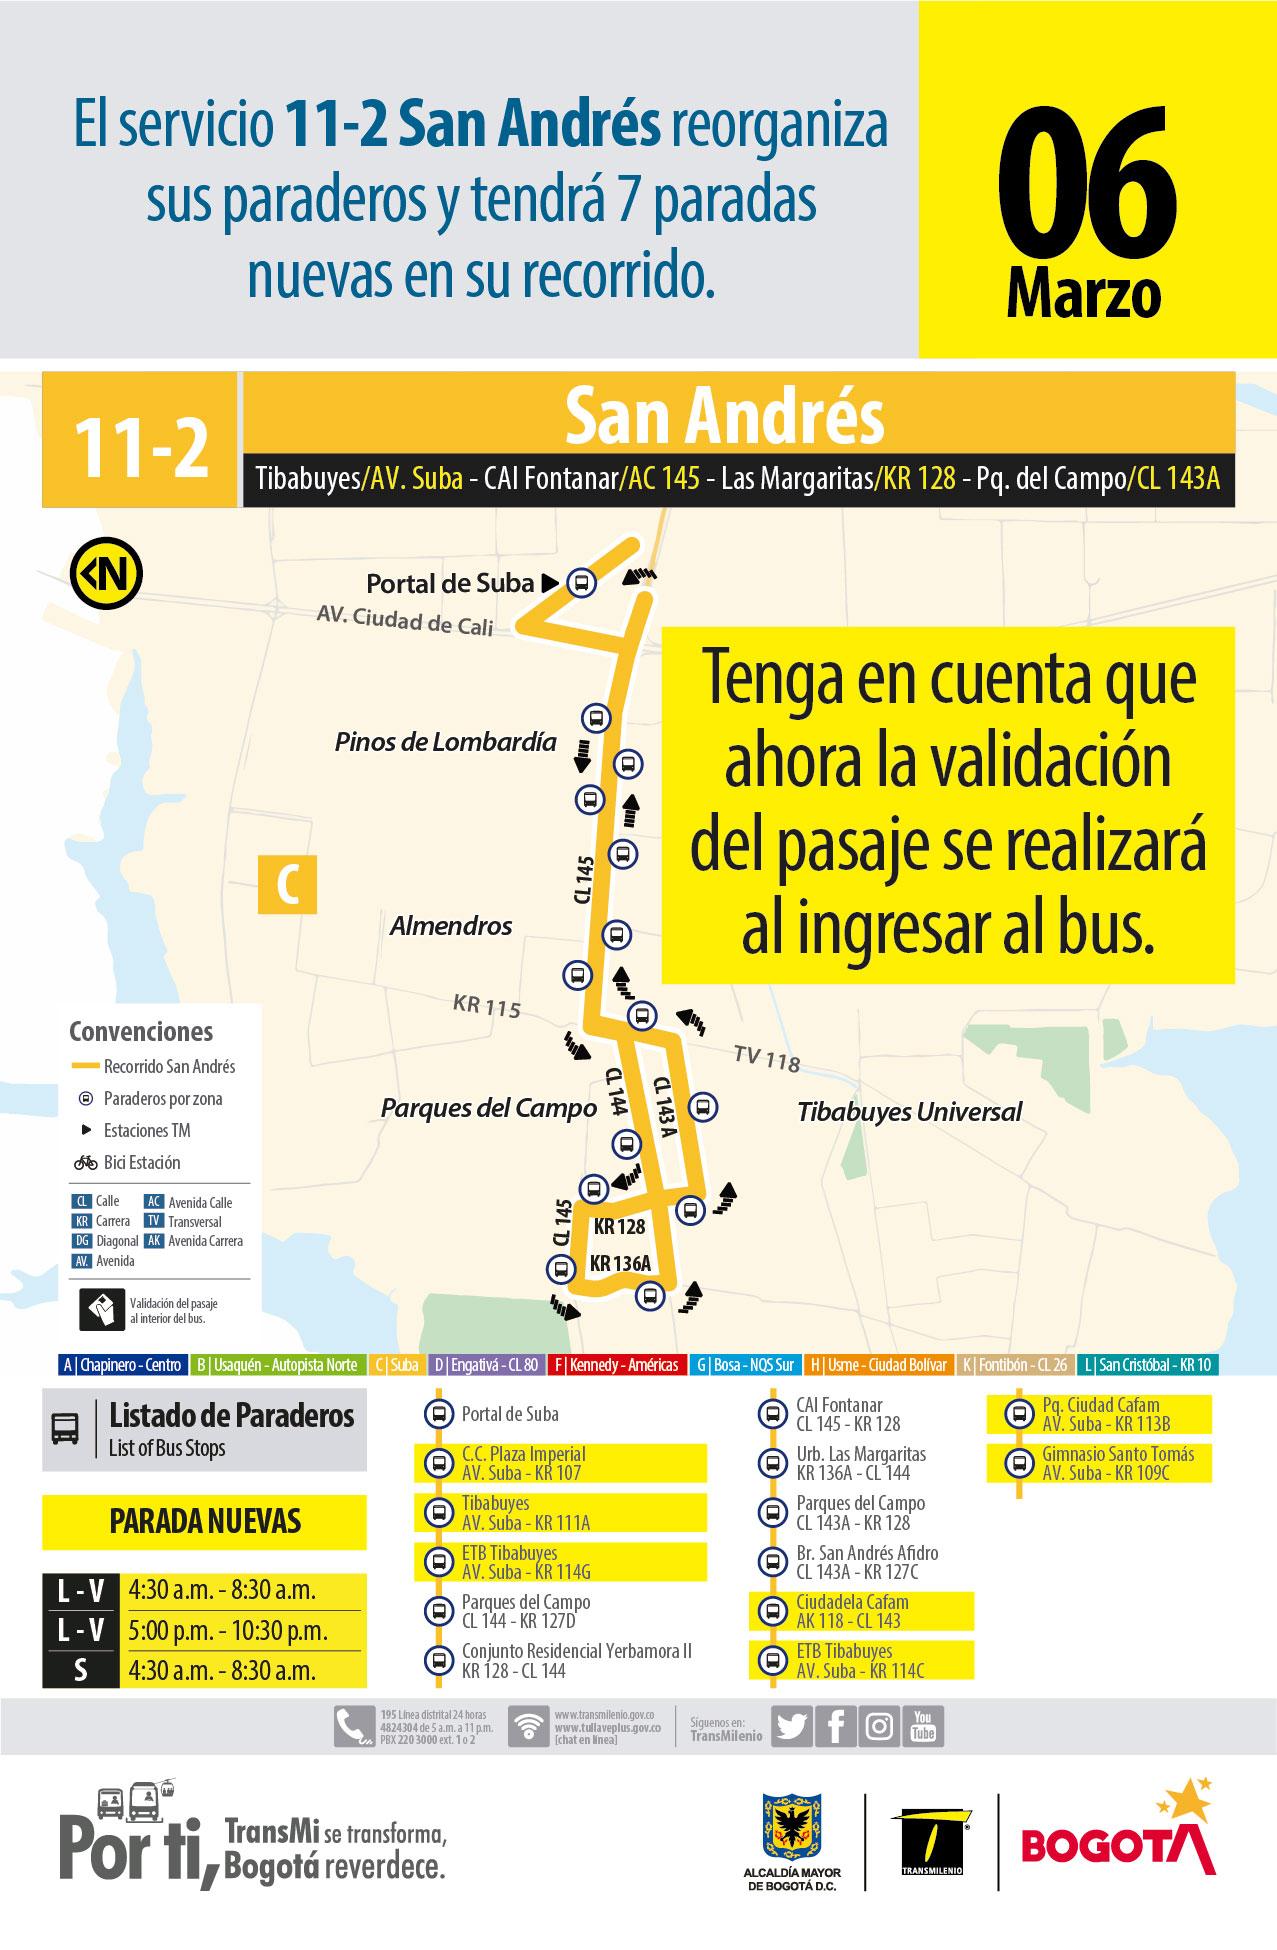 11-2 San Andrés